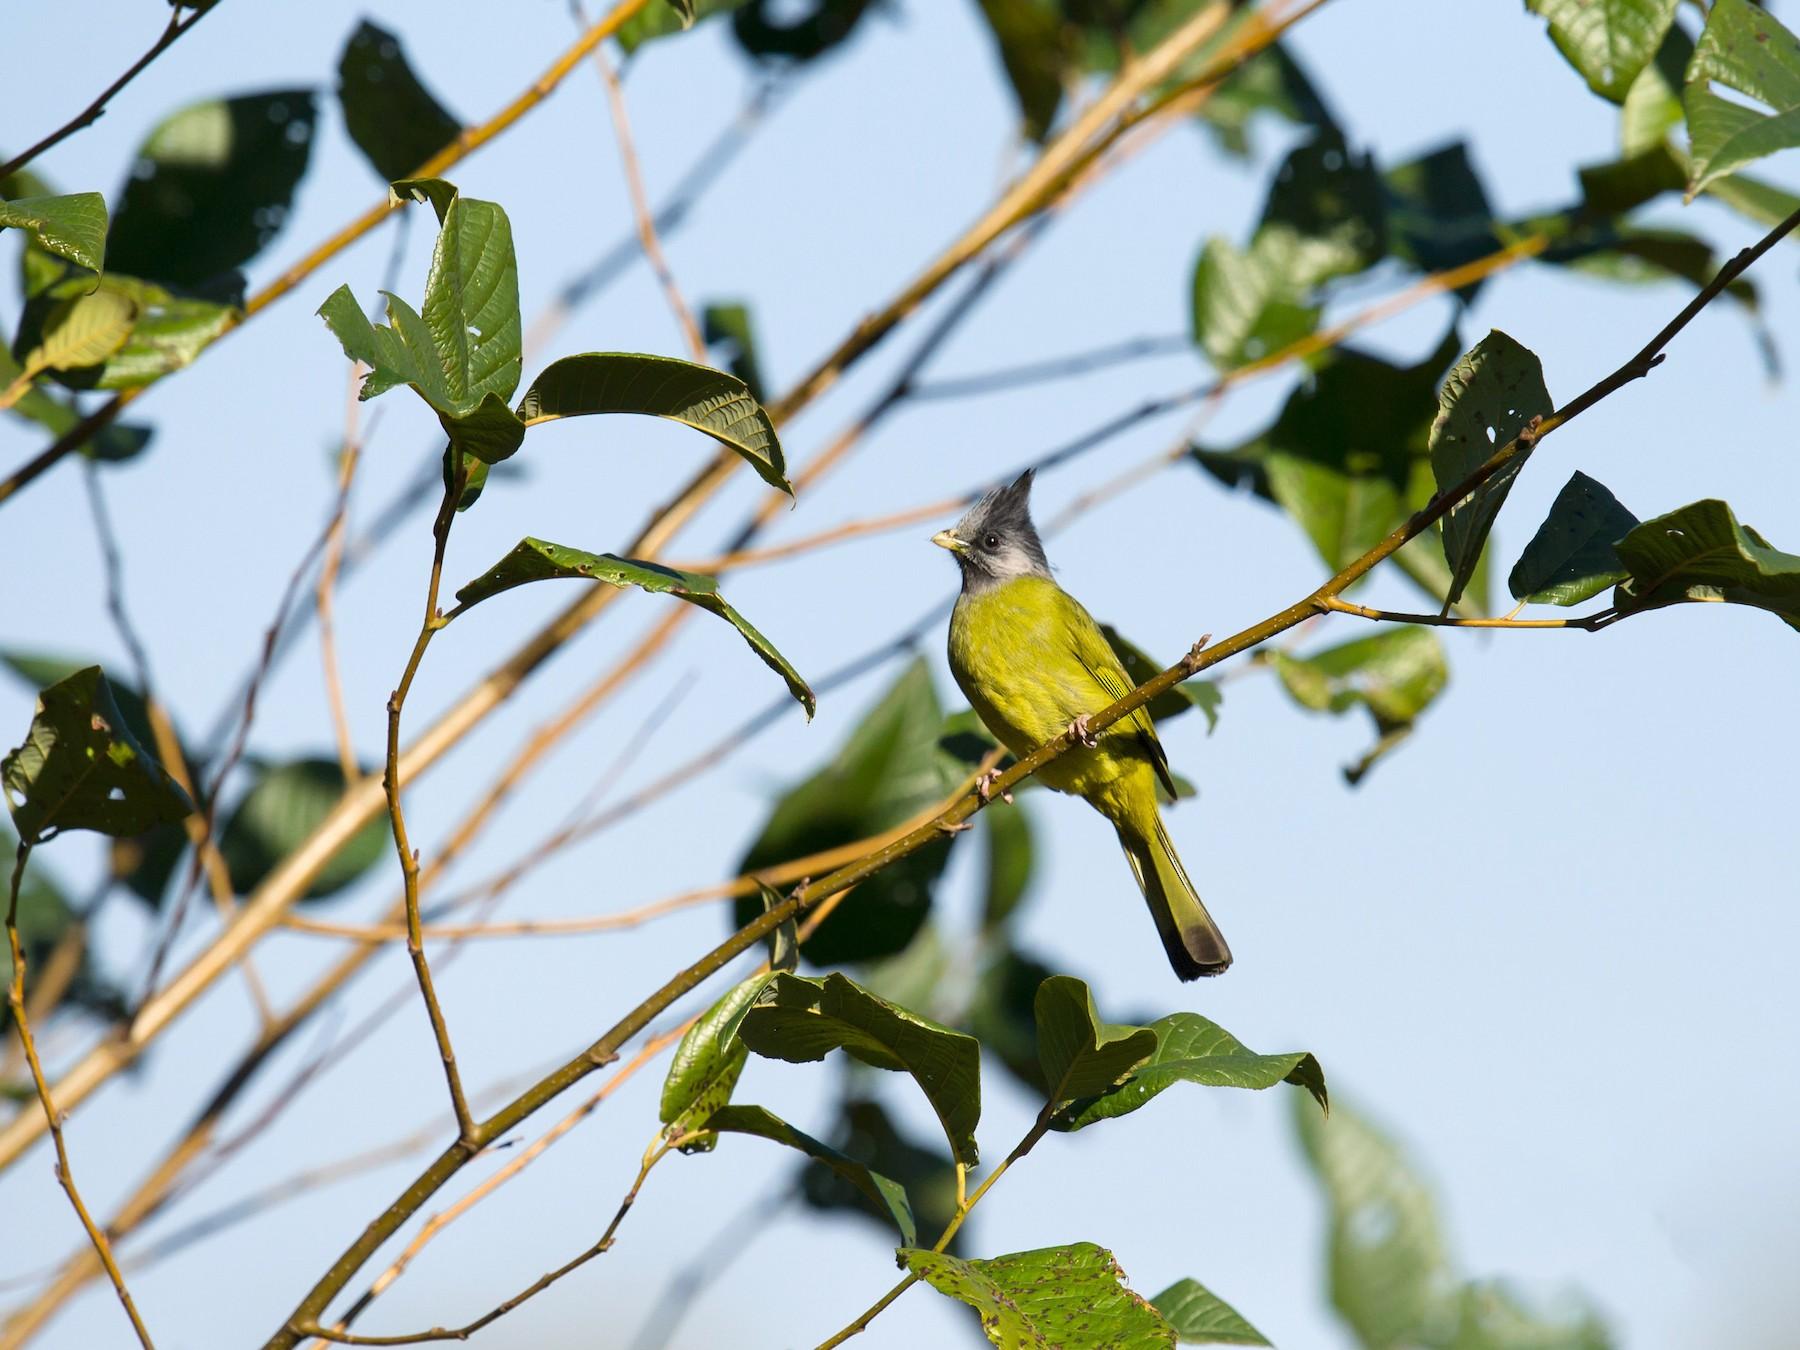 Crested Finchbill - Craig Brelsford